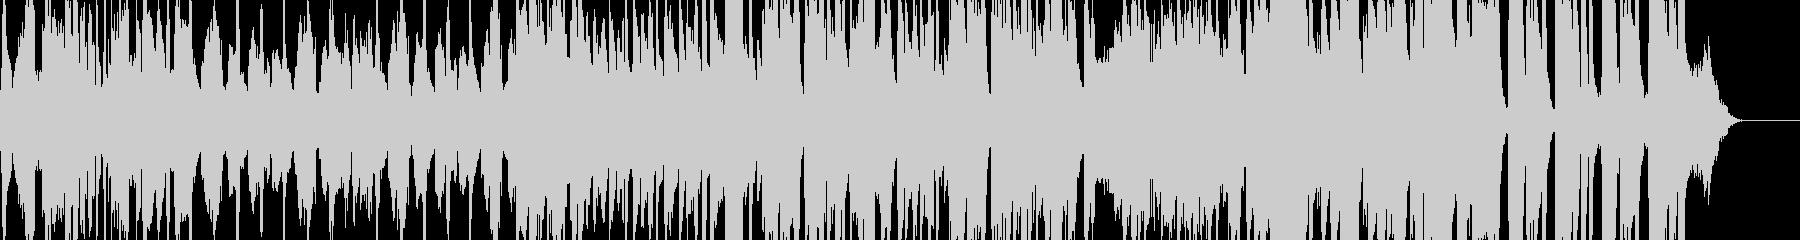 【ドラム無し】ジャズ・おしゃれ・バー・…の未再生の波形